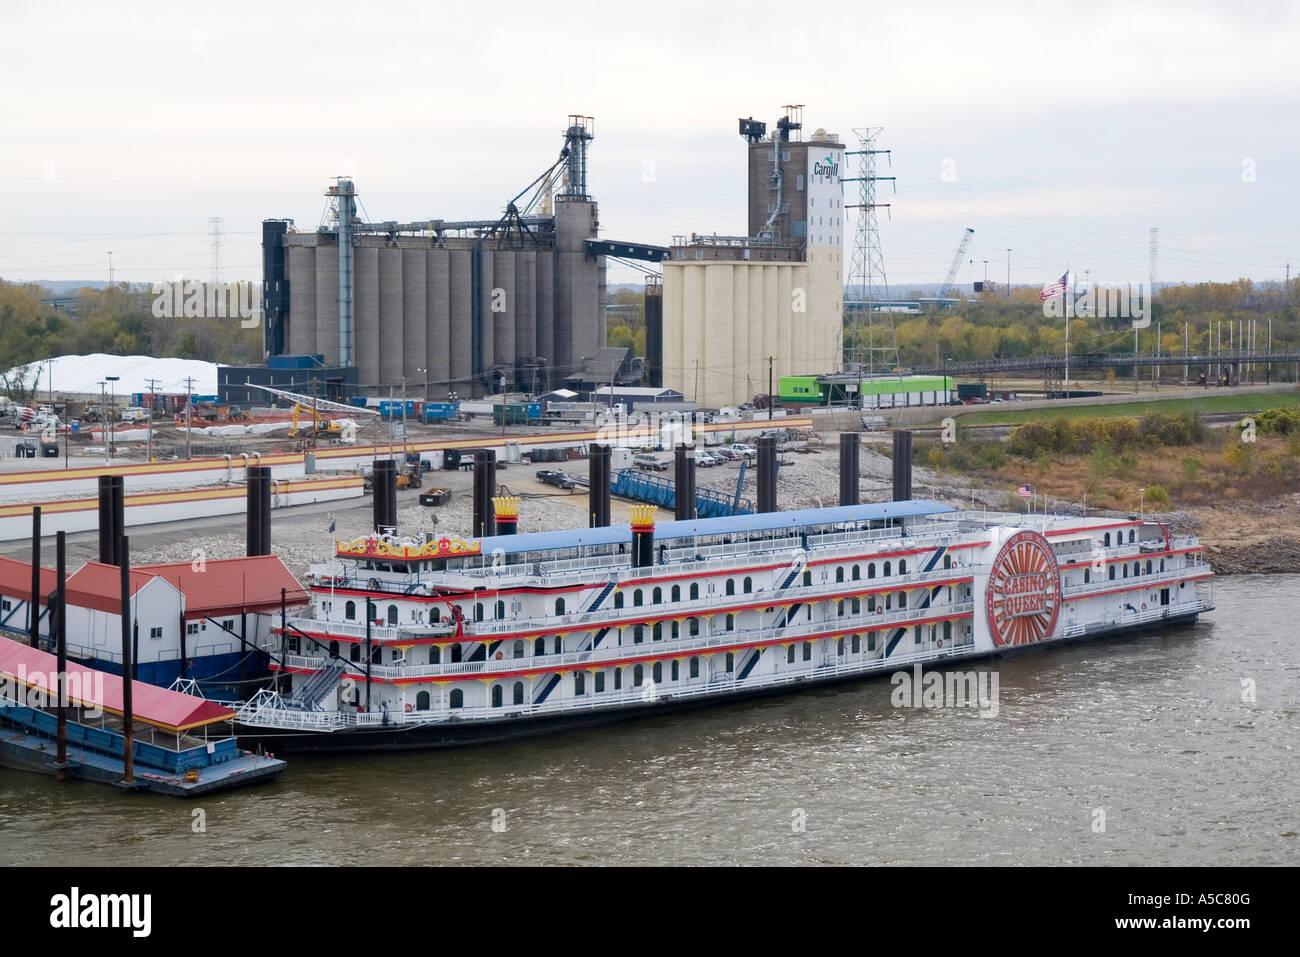 Casino queen riverboat arundel mills restaurants casino